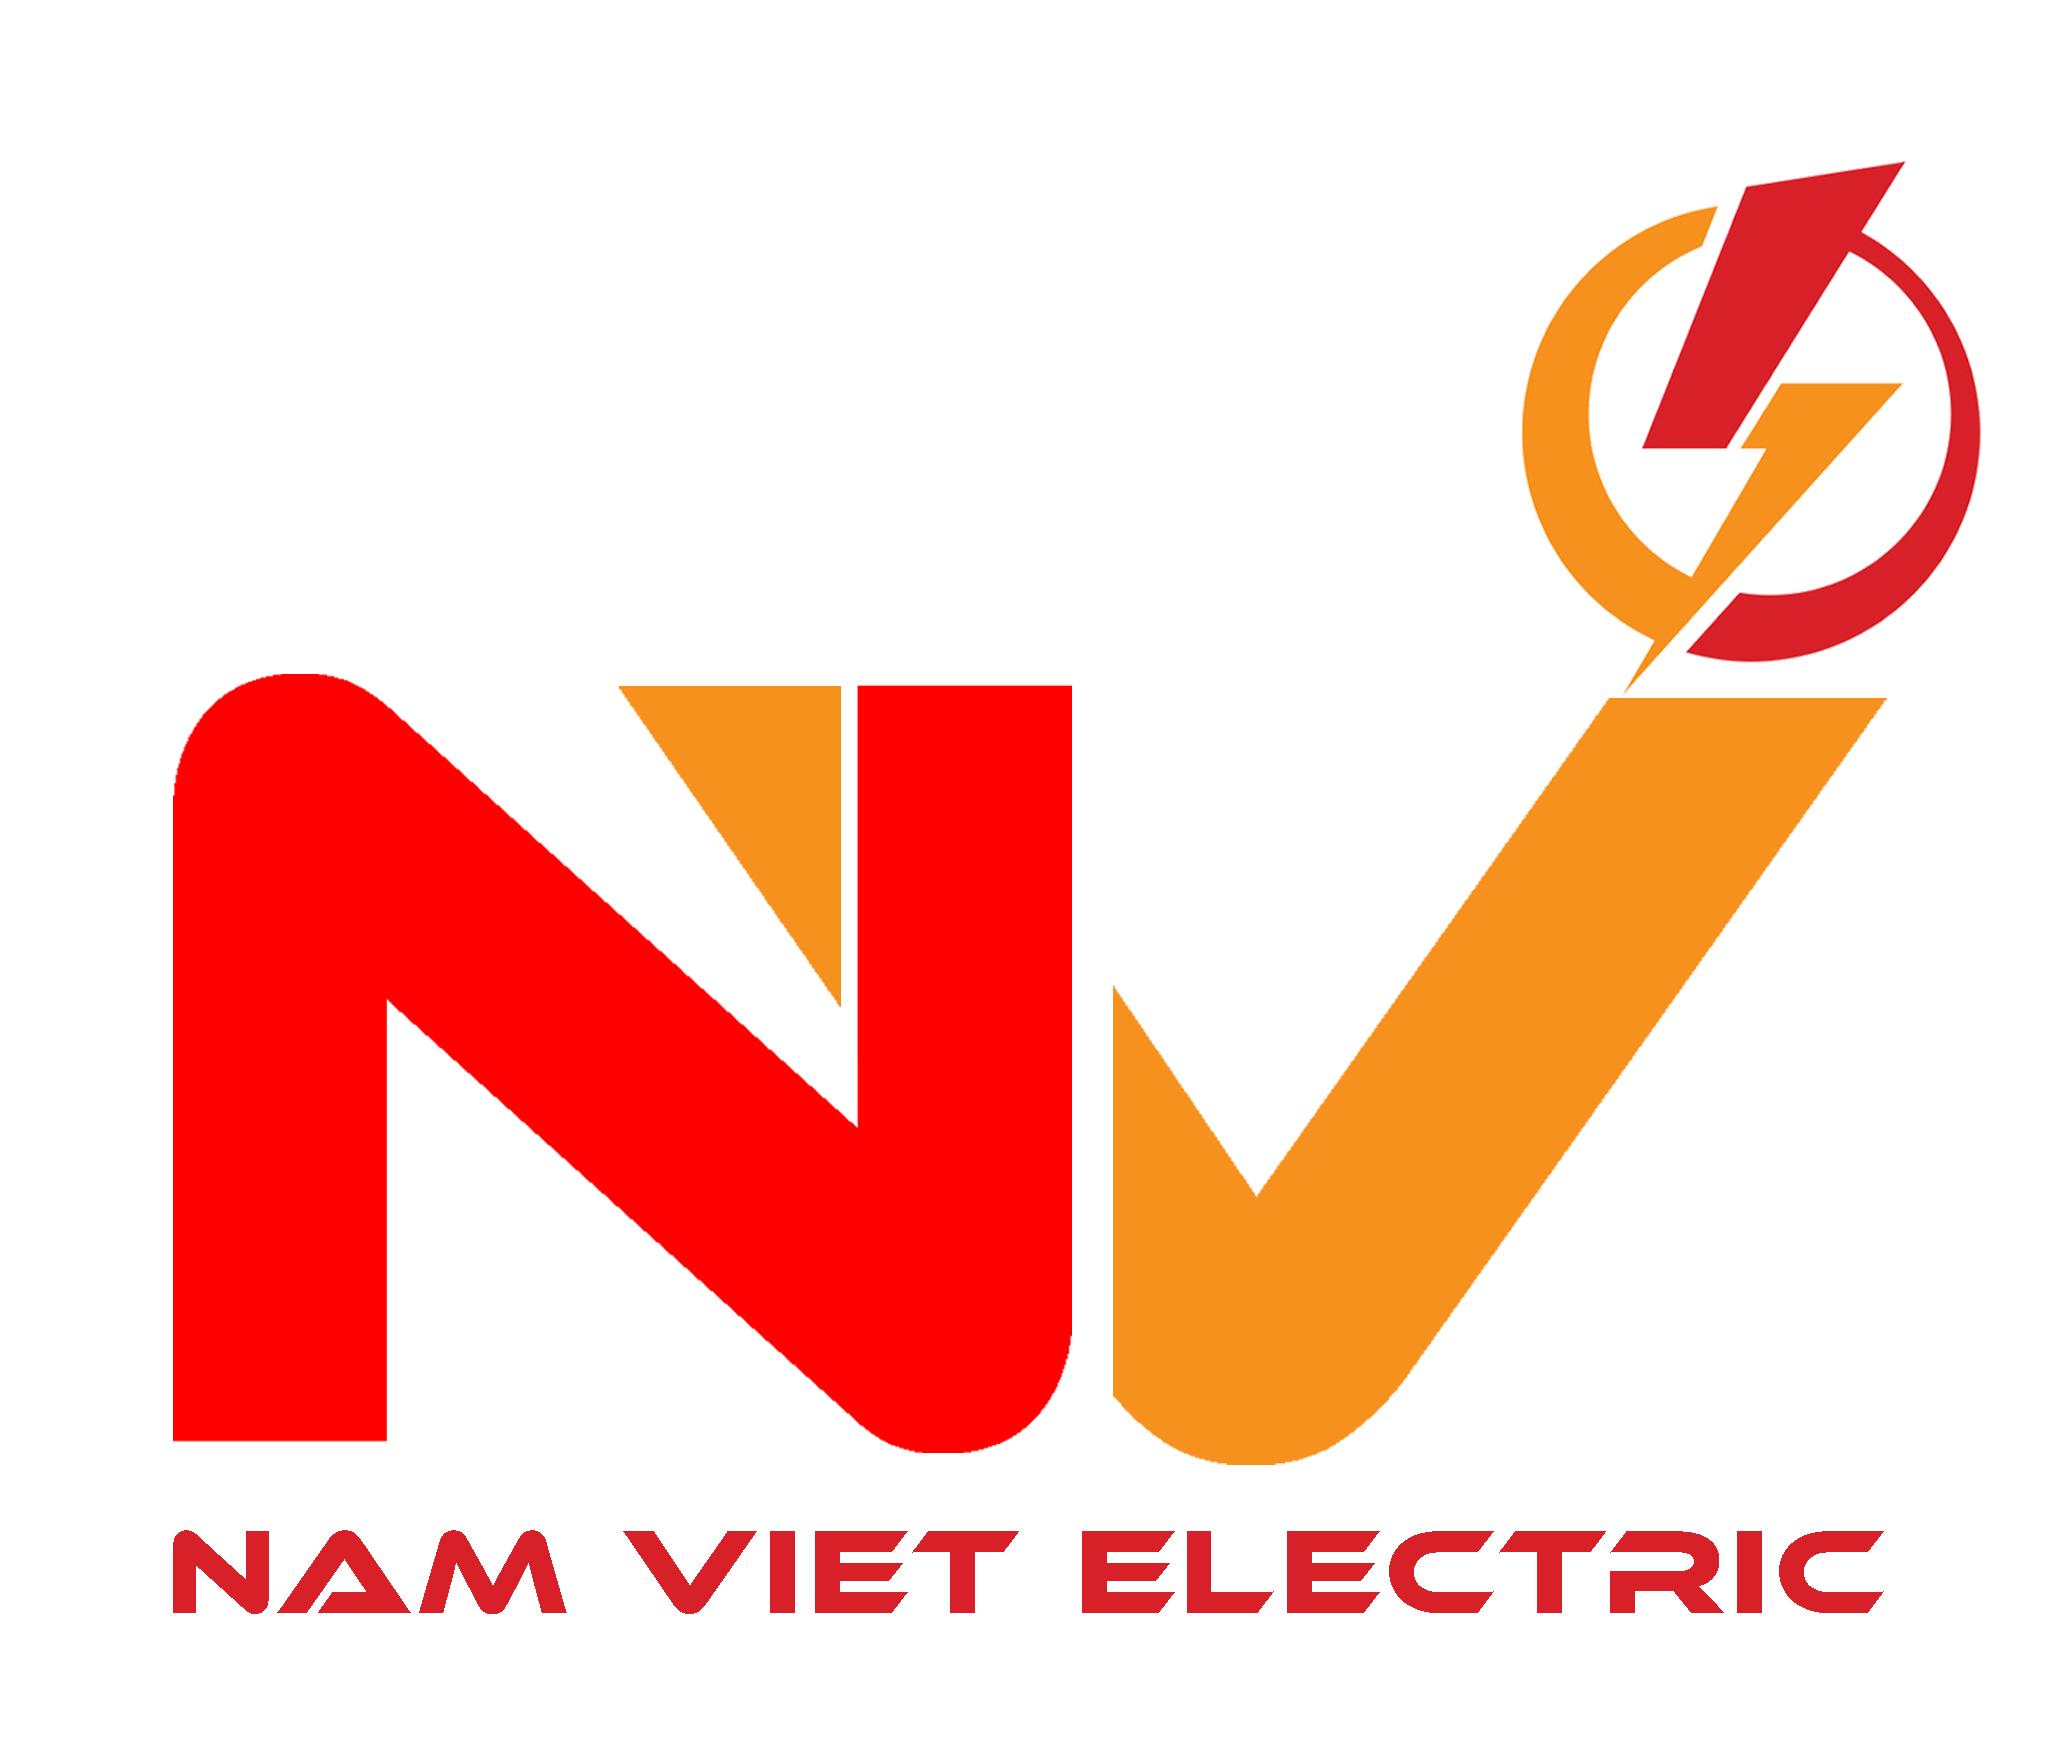 Điện Nam Việt